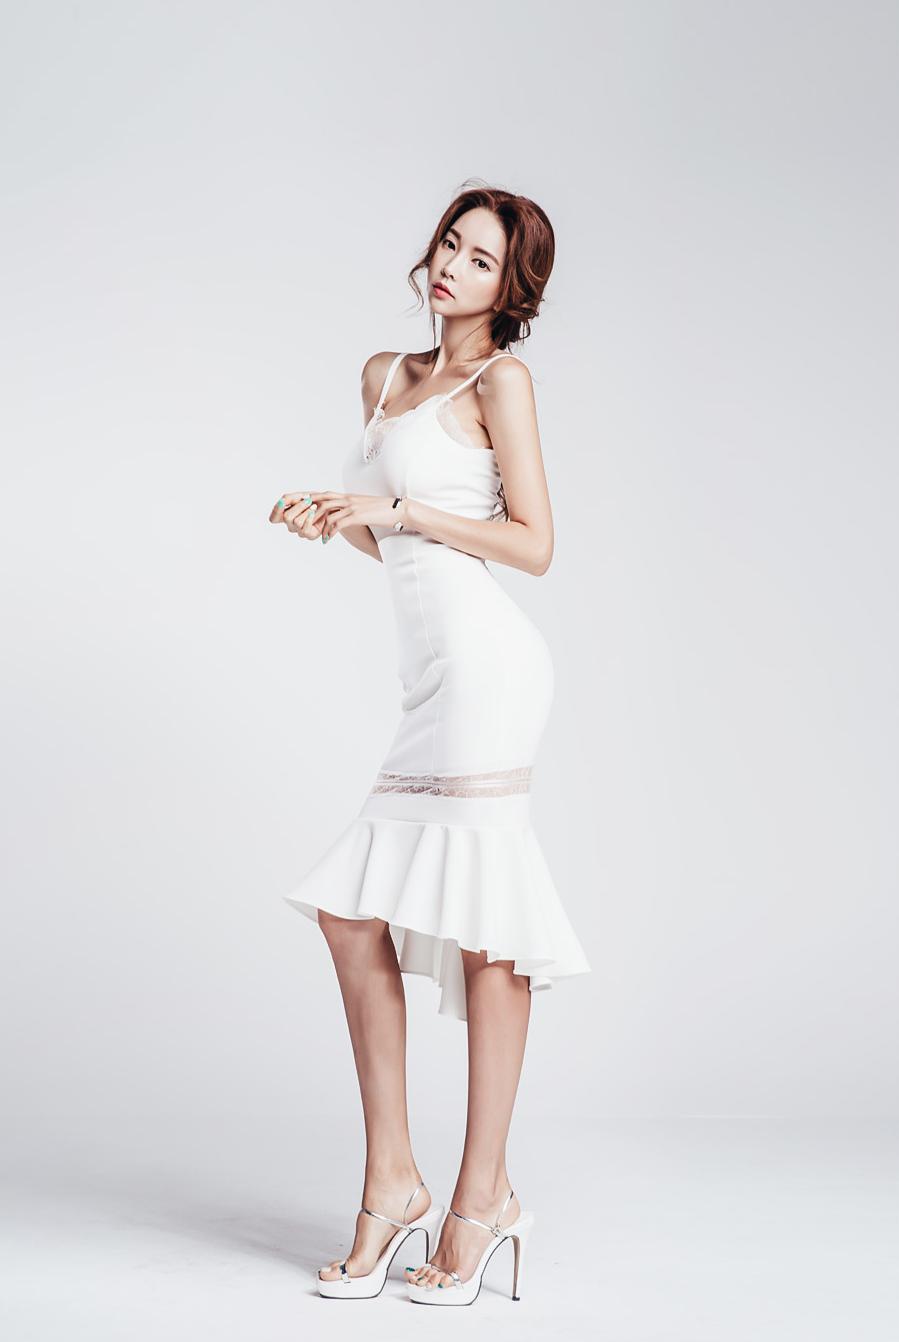 纯白吊带鱼尾裙,优雅飘逸